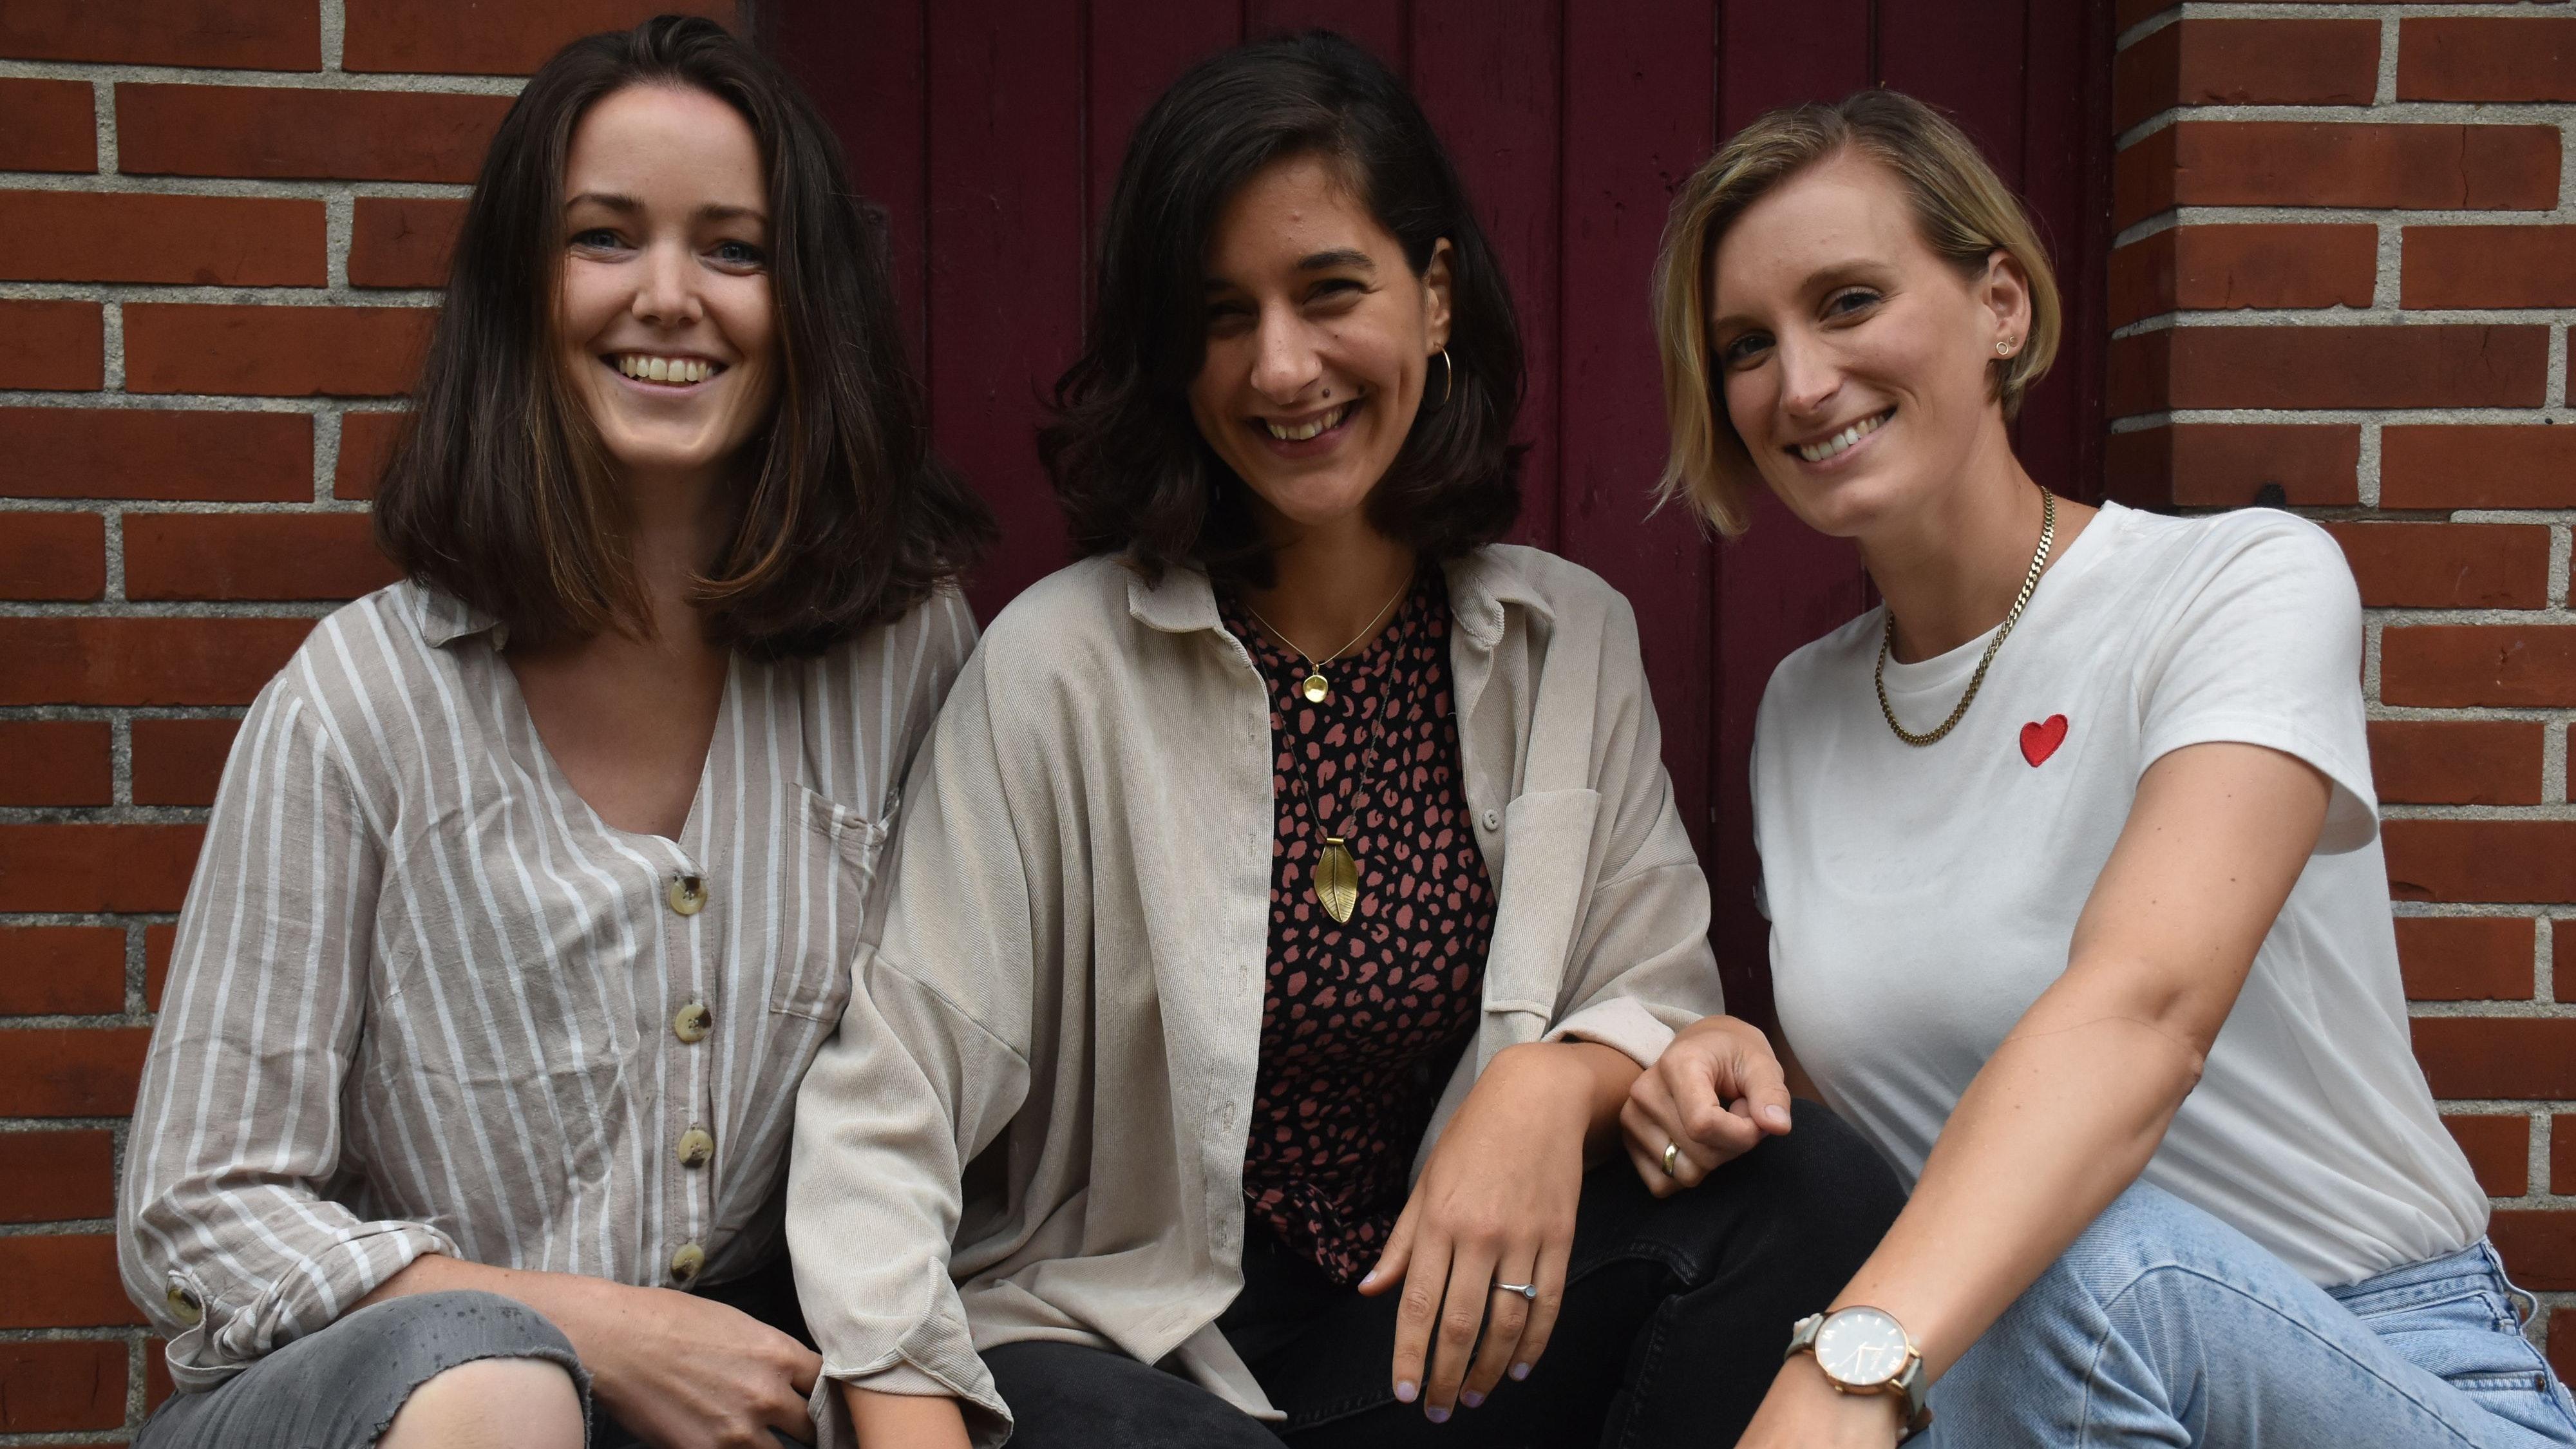 3 Freundinnen mit einem Faible für Kunst und Kultur: (von links) Silke Knies, Katharina Fröhlich und Andrea von Lehmden. Foto: Timphaus